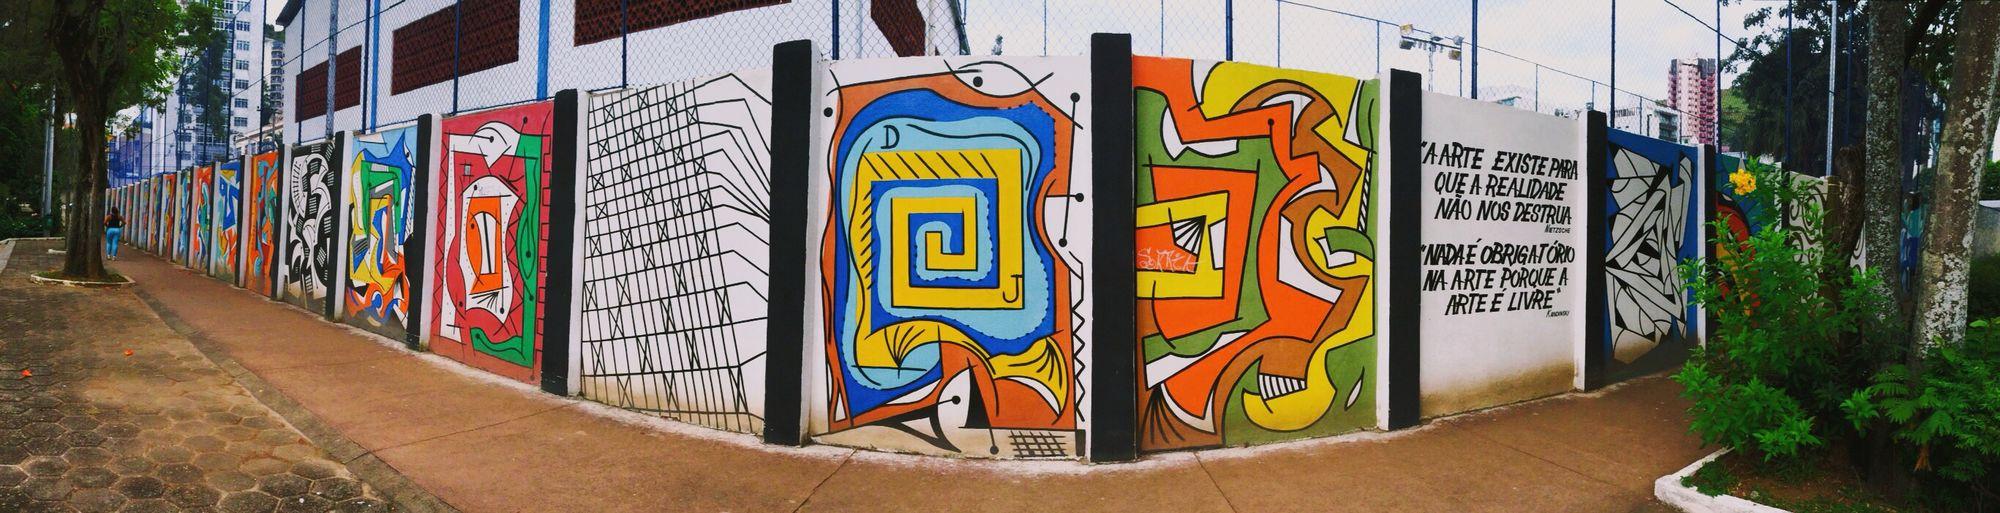 """""""A arte existe para que a realidade não nos destrua"""". """"Nada é obrigatorio na arte, porque a arte é livre"""" Street Art Onephotoaday"""